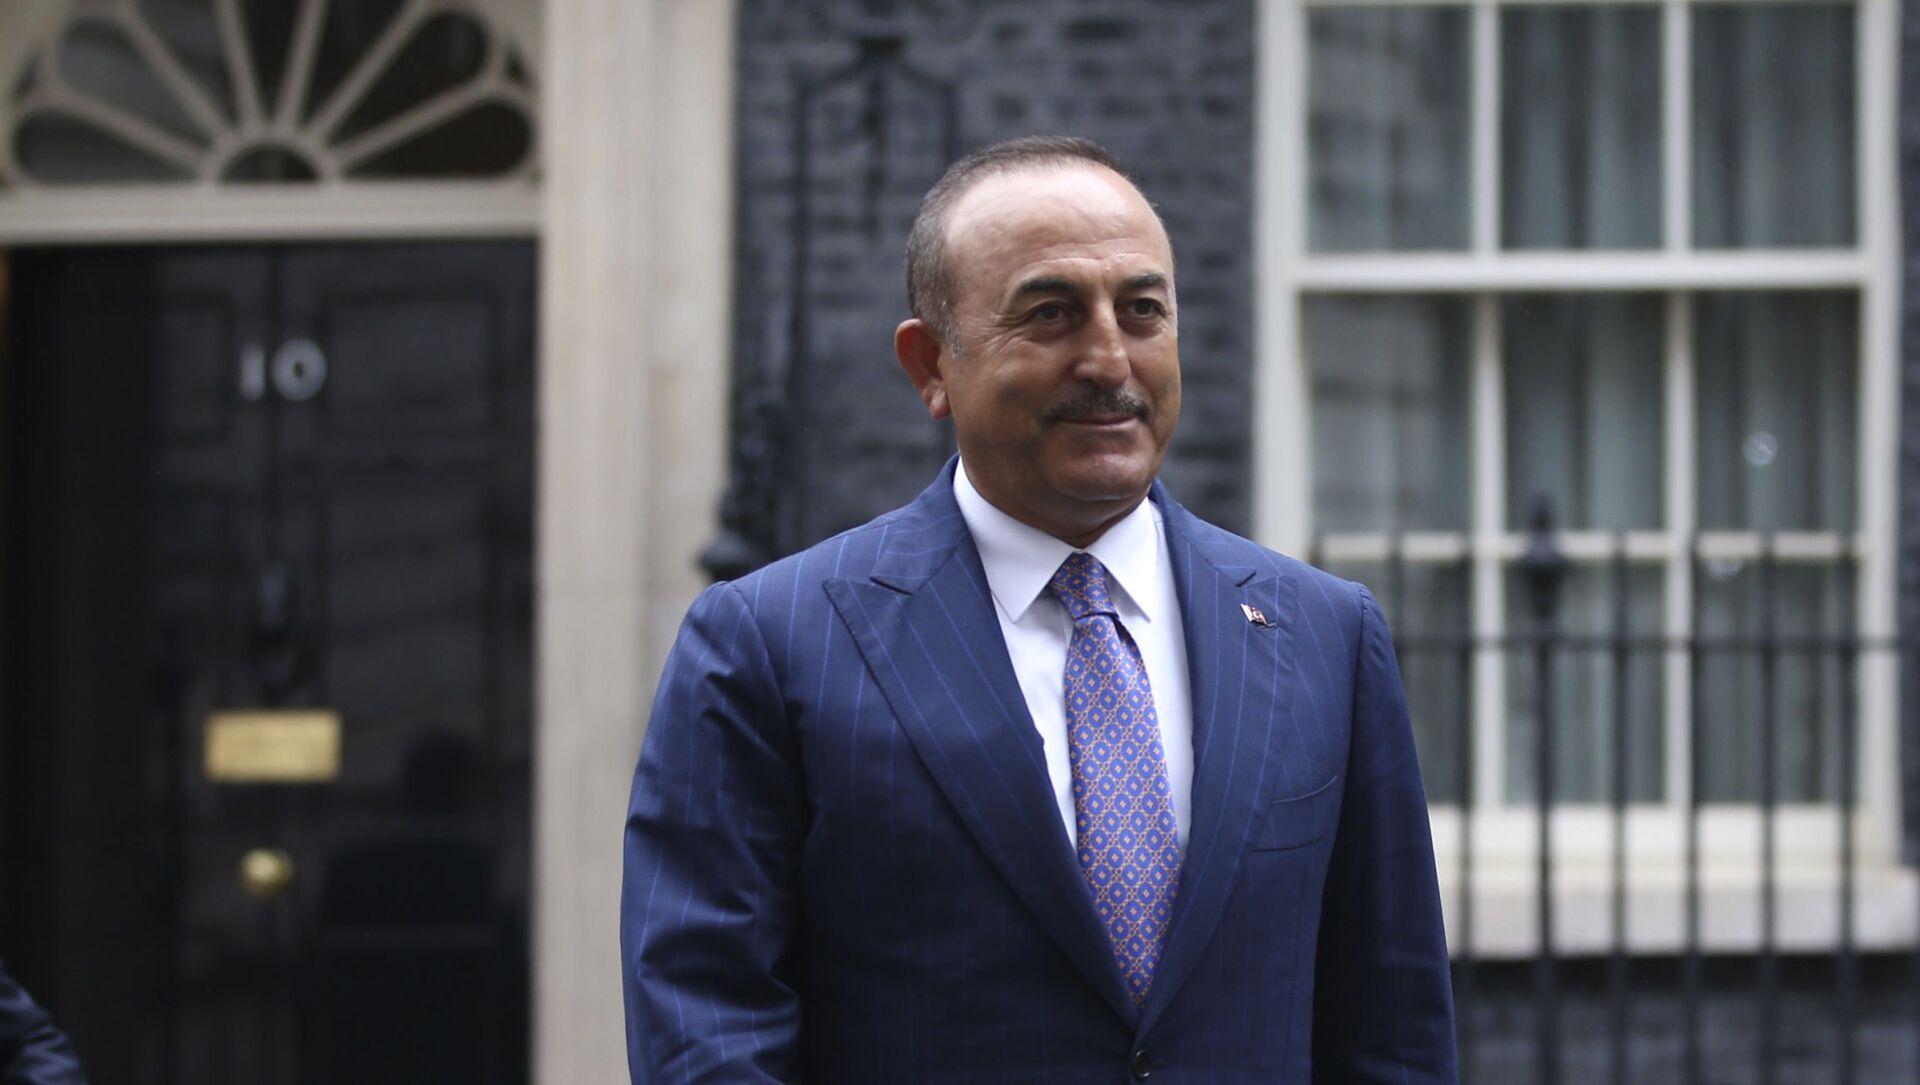 Министр иностранных дел Турции Мевлют Чавушоглу, фото из архива - Sputnik Азербайджан, 1920, 01.02.2021